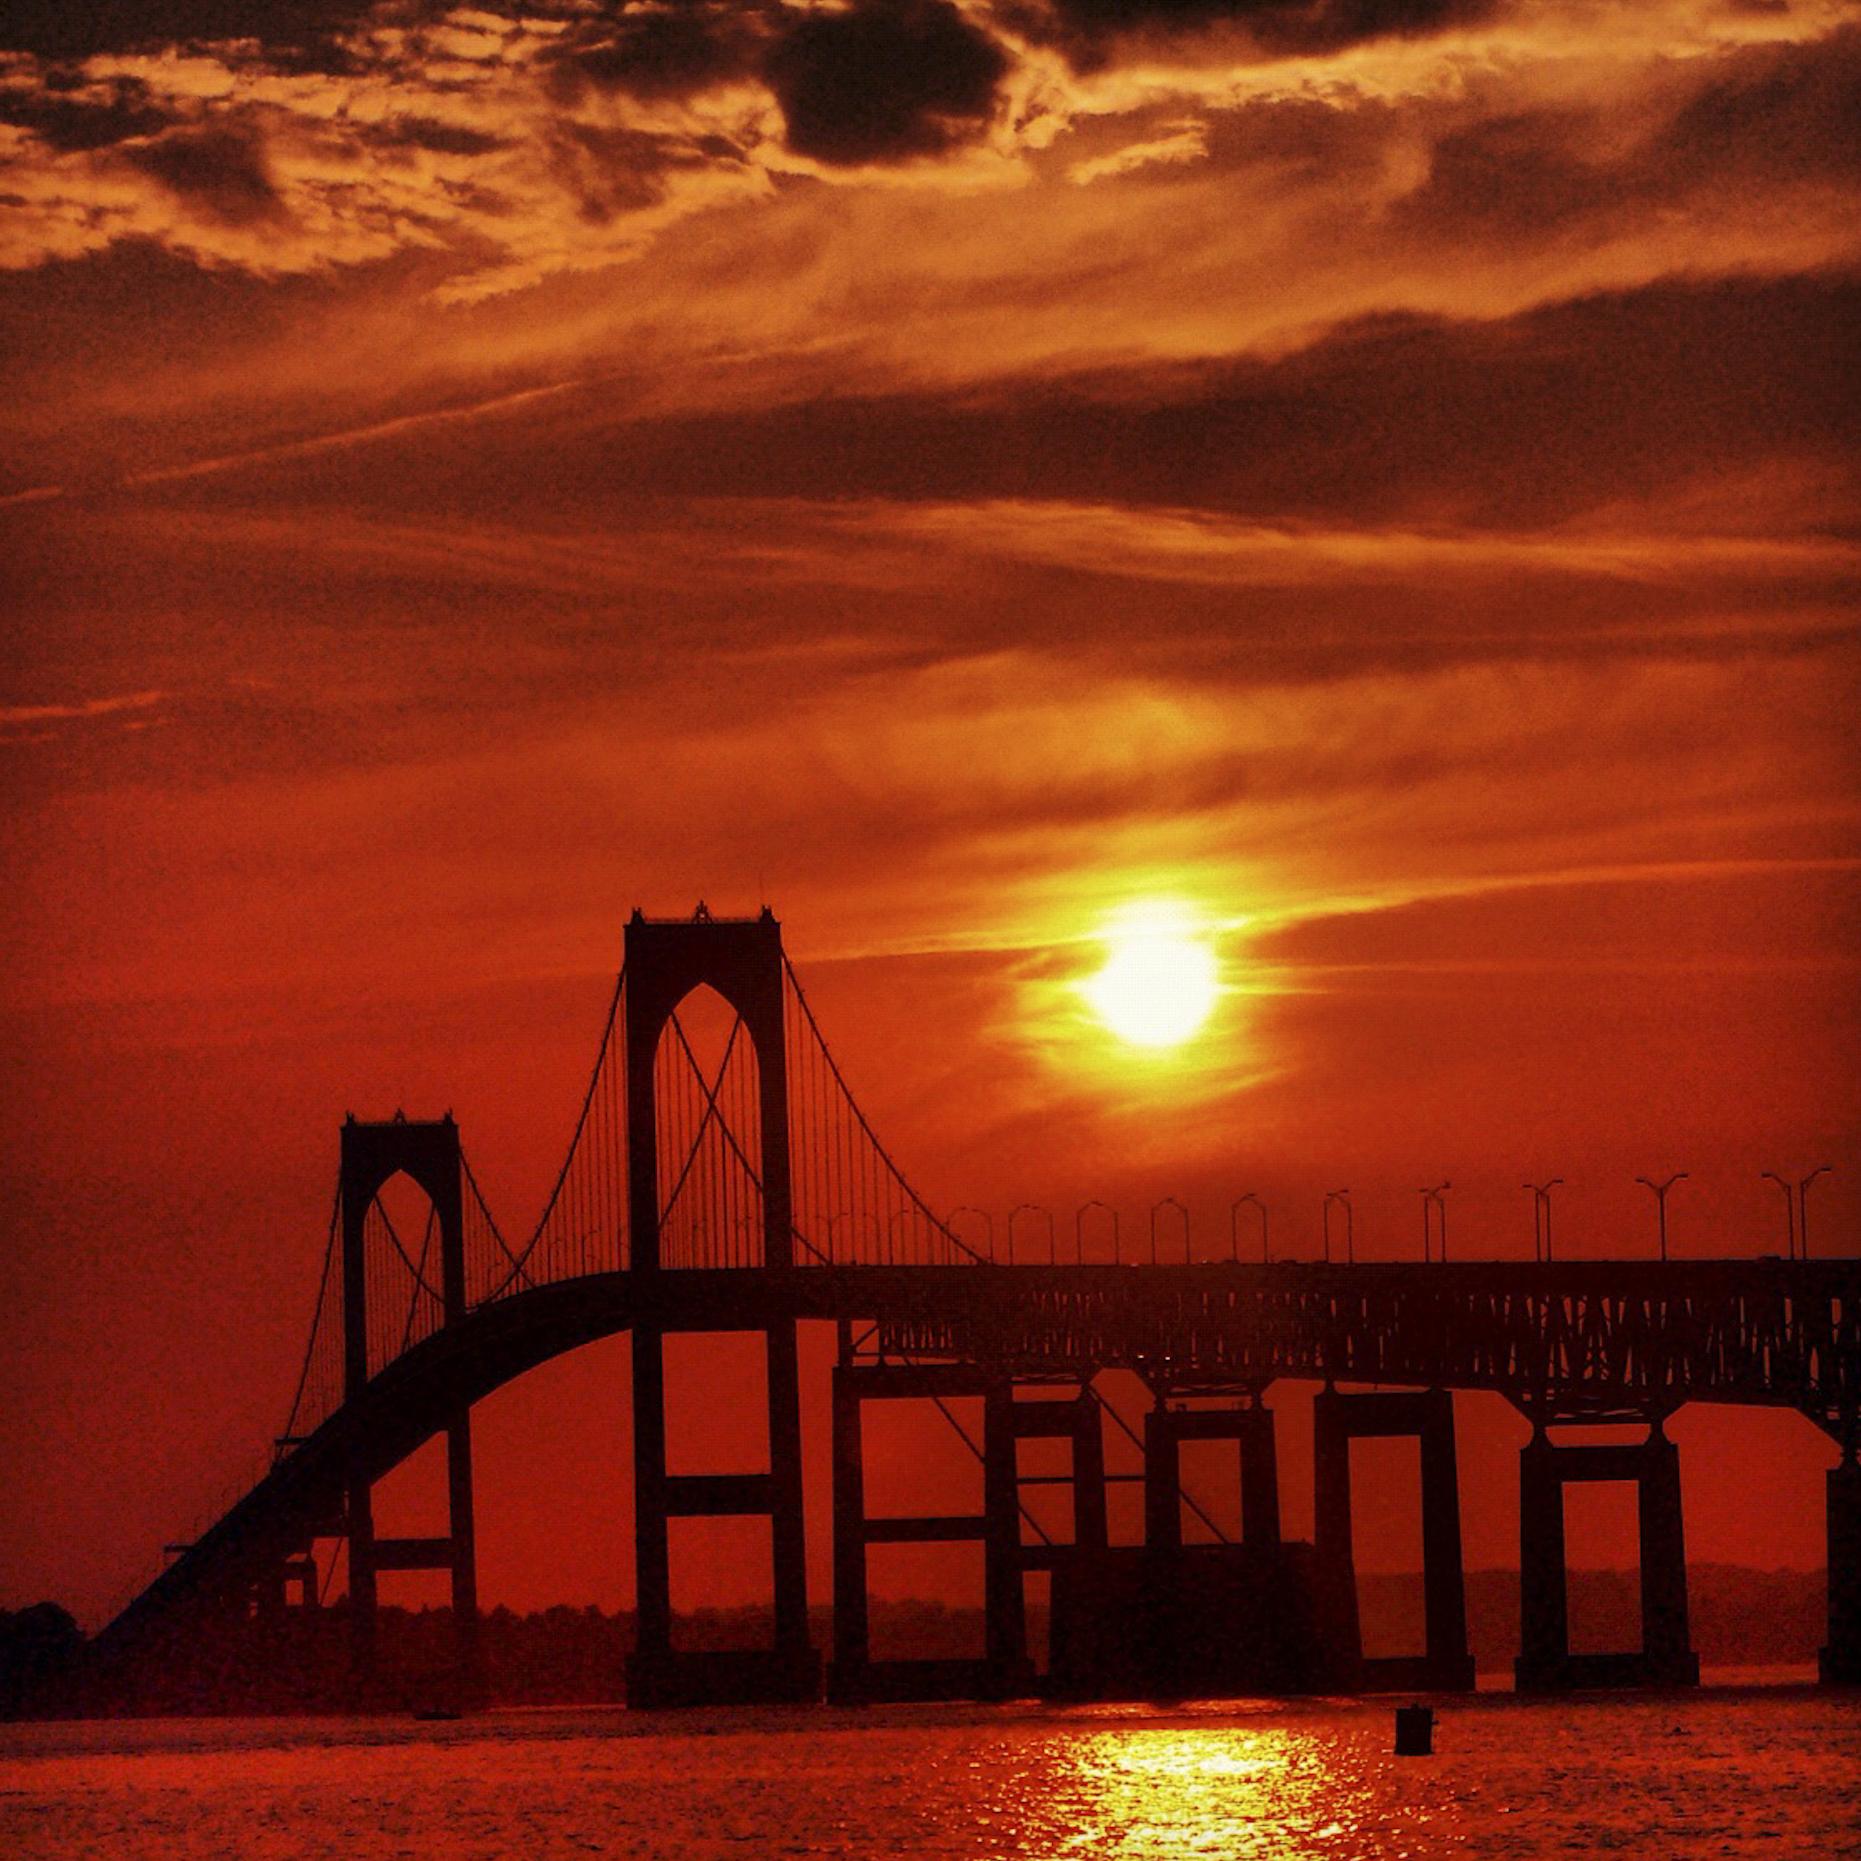 NE_SunsetSkyline_030a.jpg